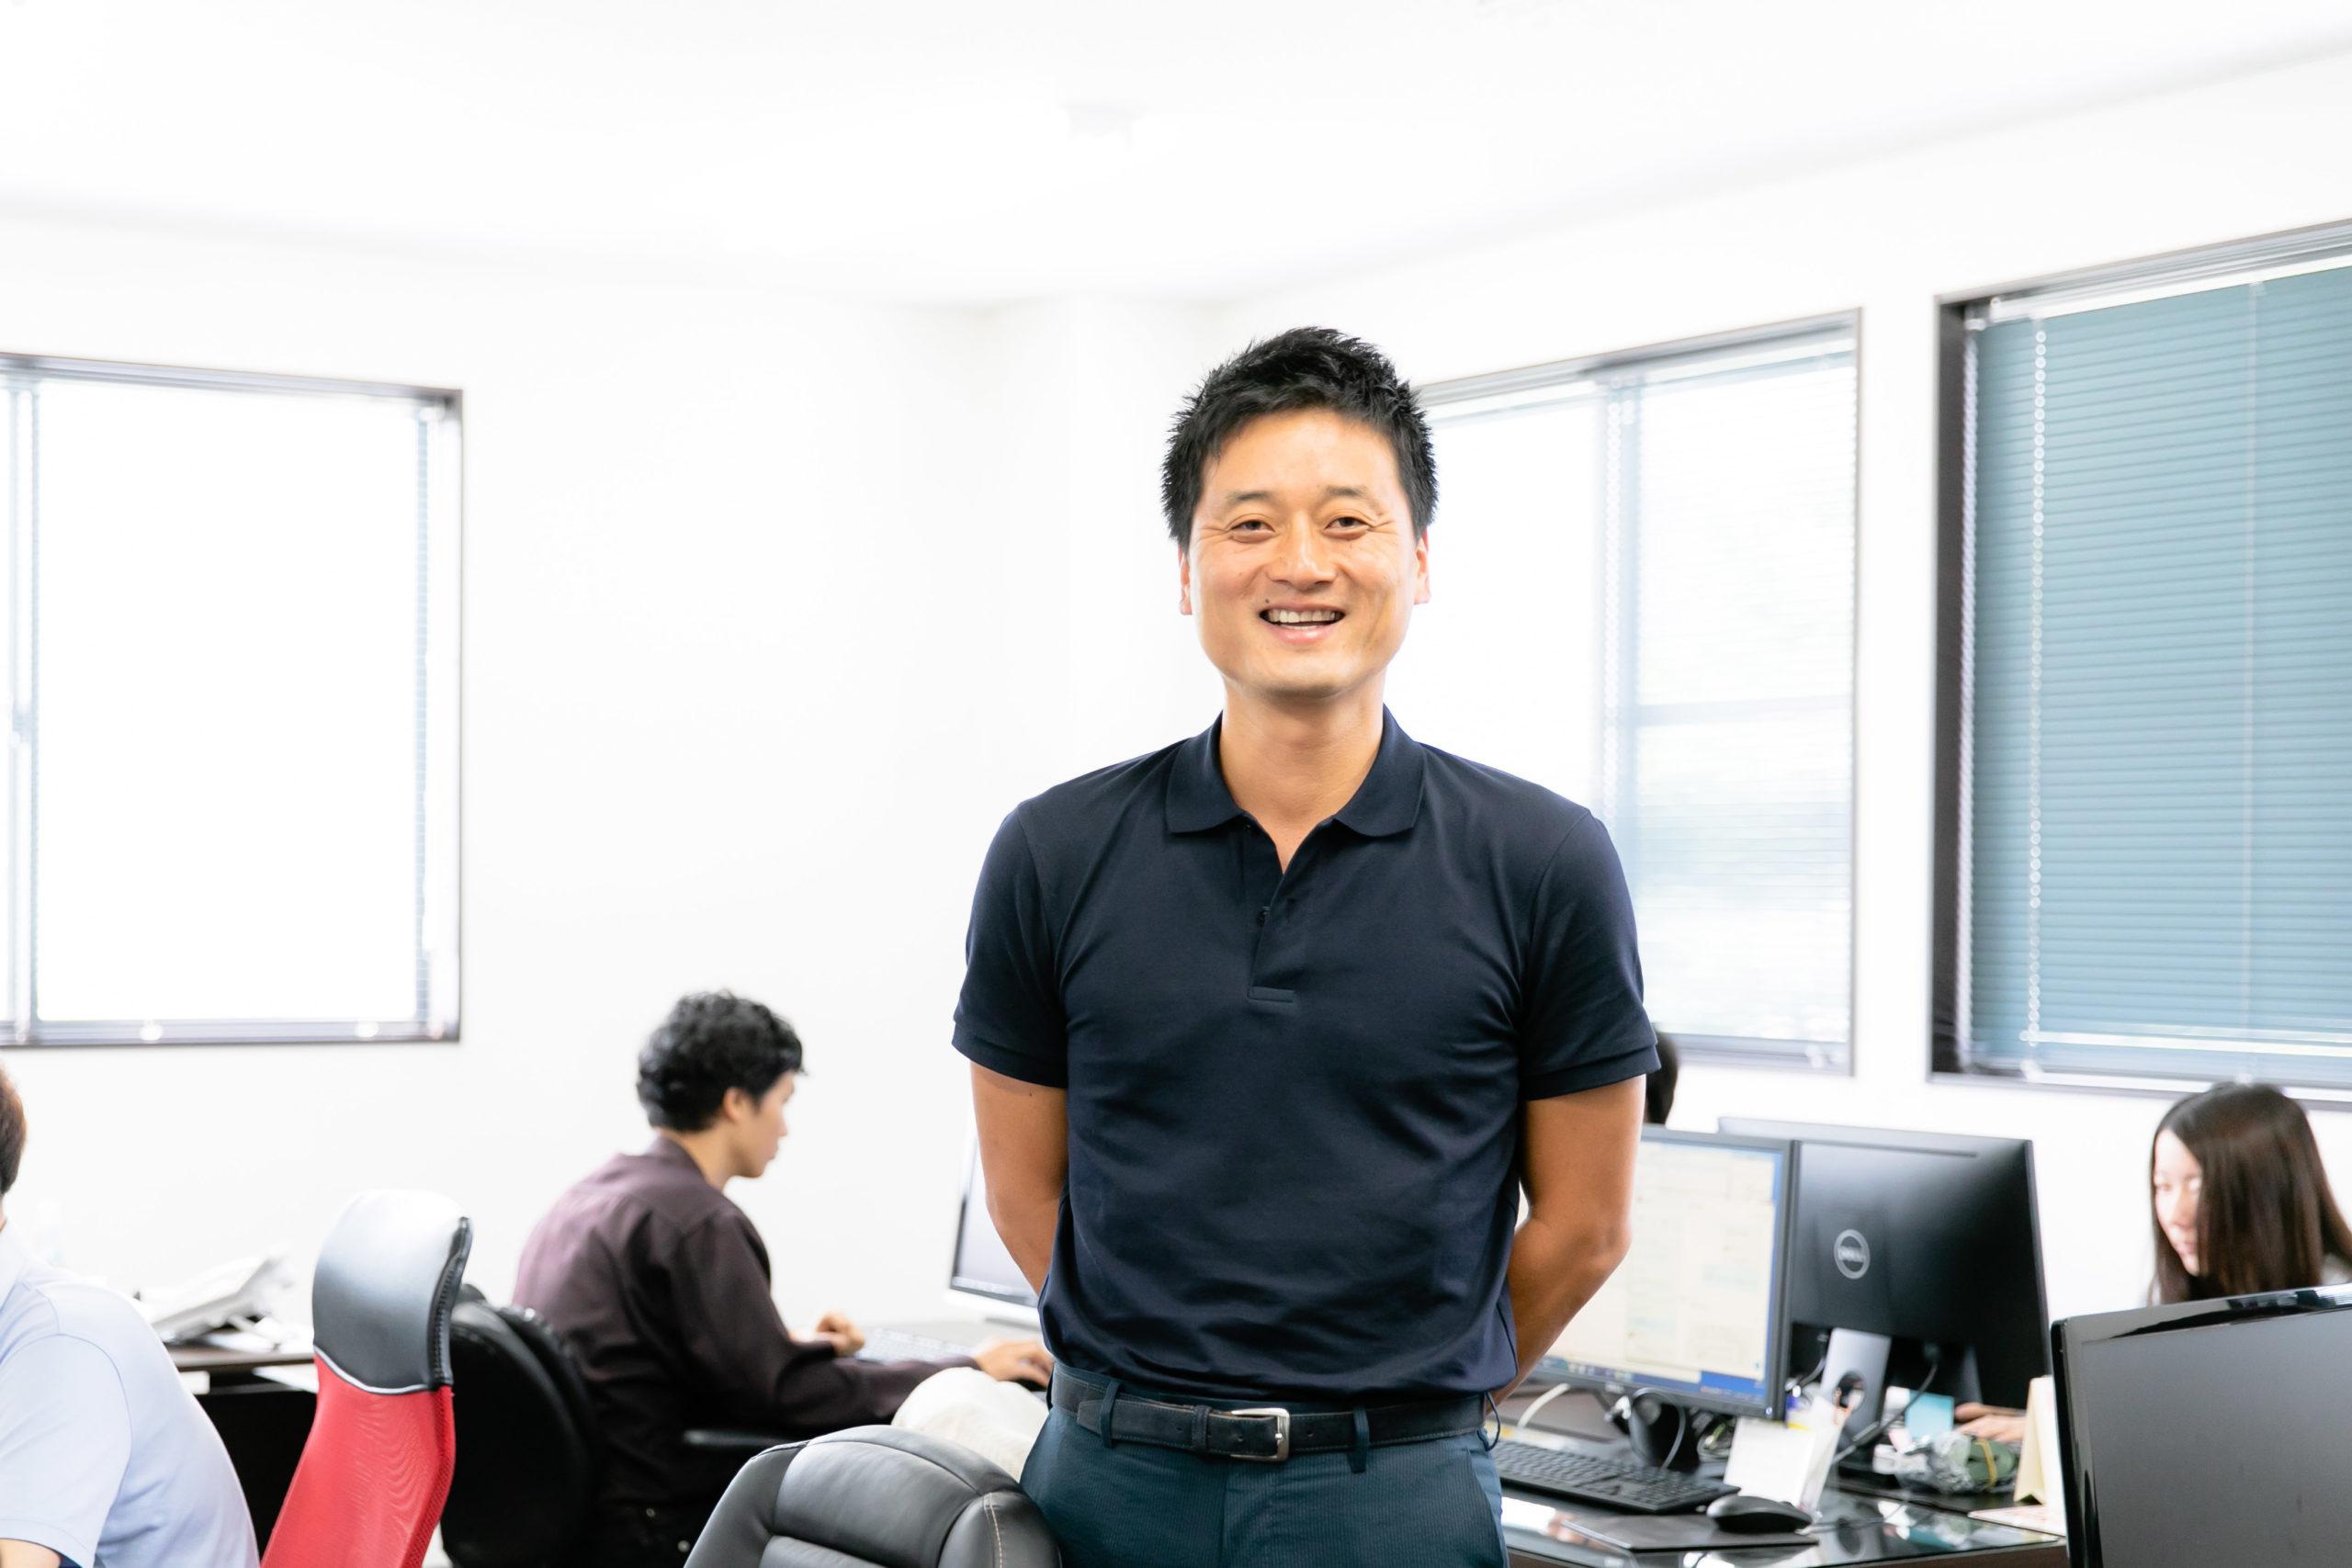 梁川和権さん(経営者)「何か夢中になれることがあるのなら、どんな場所でも実現できる」